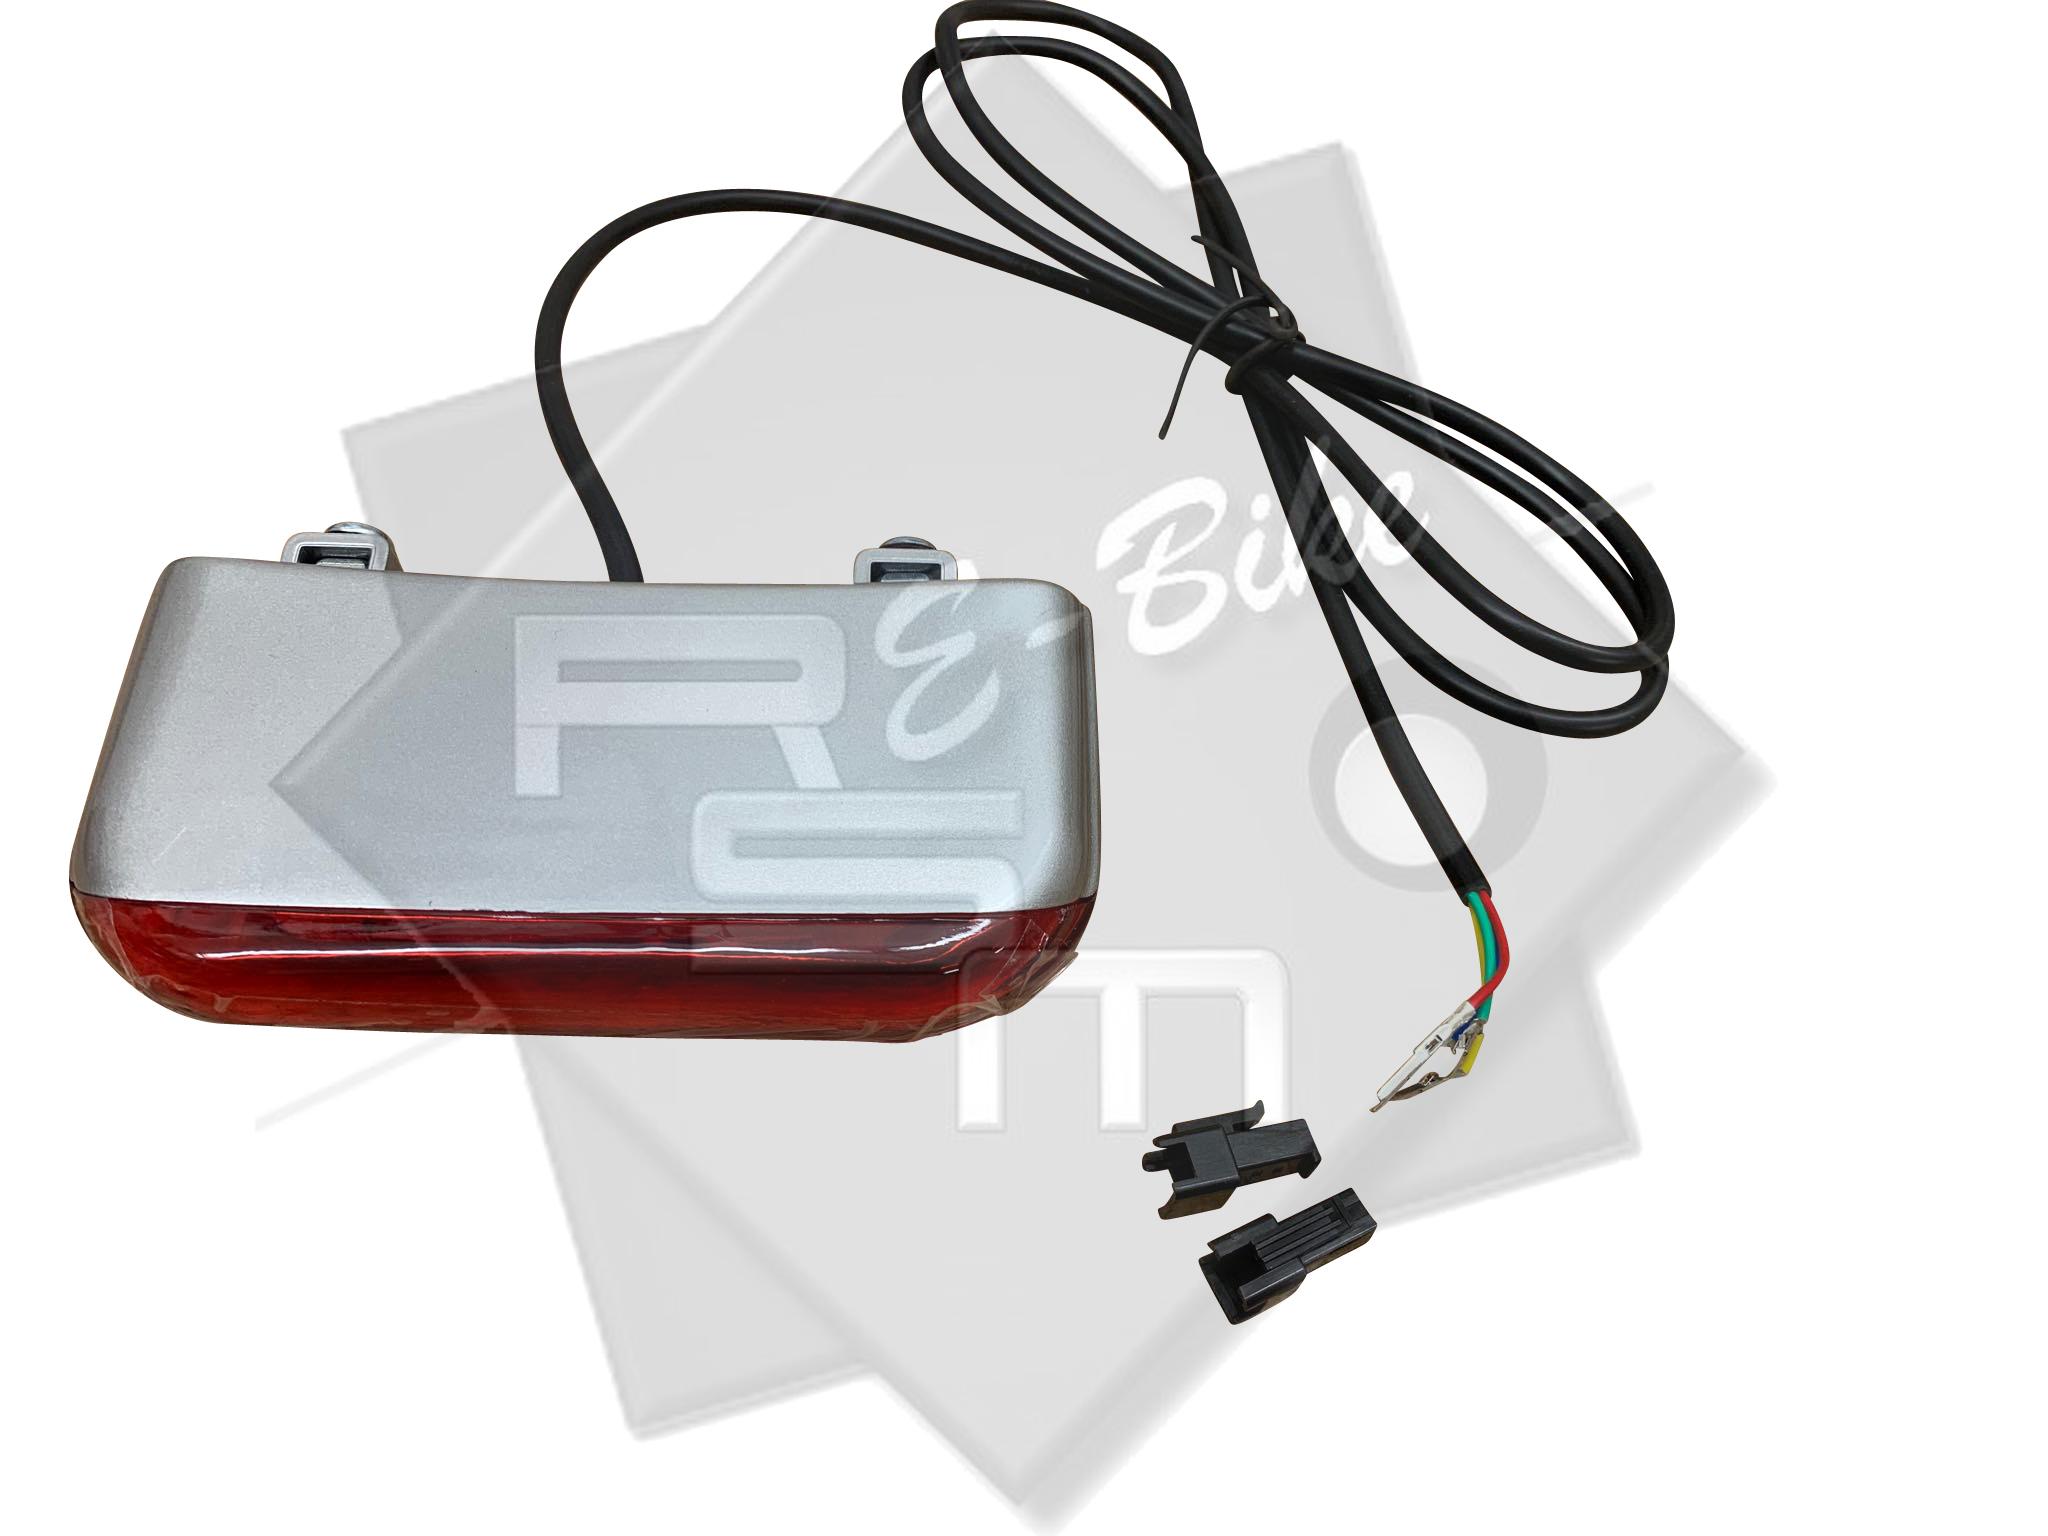 LED Rücklicht mit Bremslicht für alle Modelle Mobilist Klappfahrrad *SILBER*